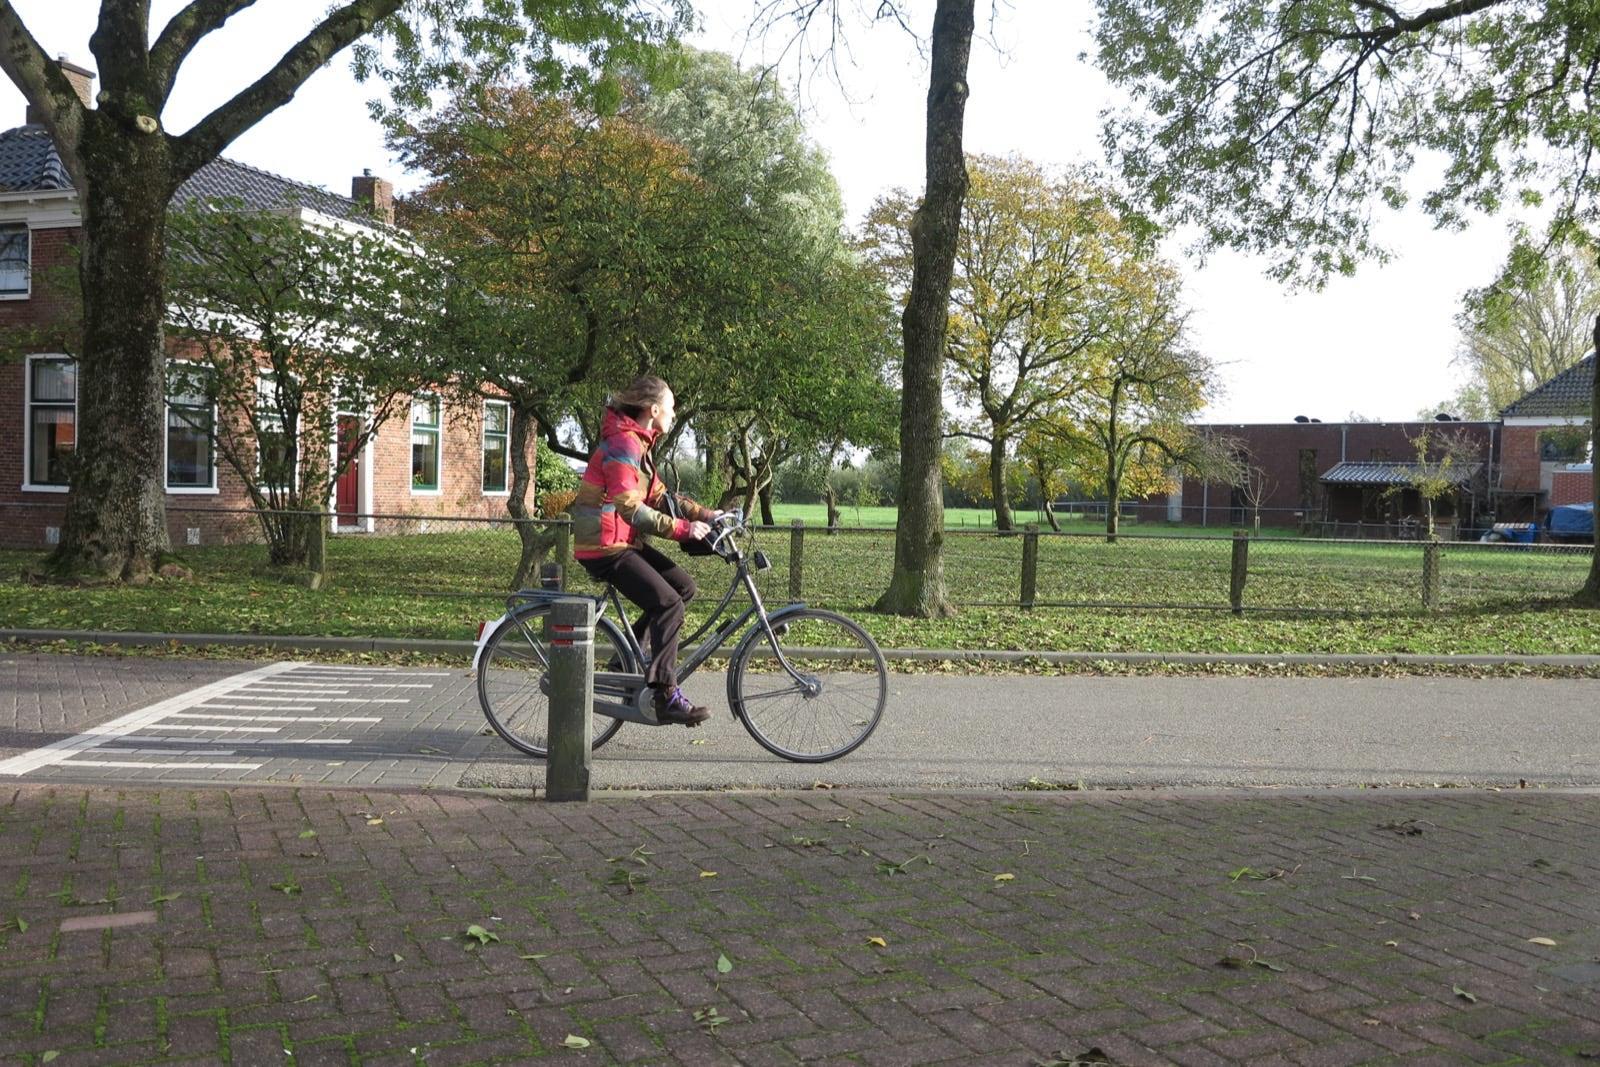 et-fiets-en-fietser-95-vrouw-richard-vd-veen-oi.jpg